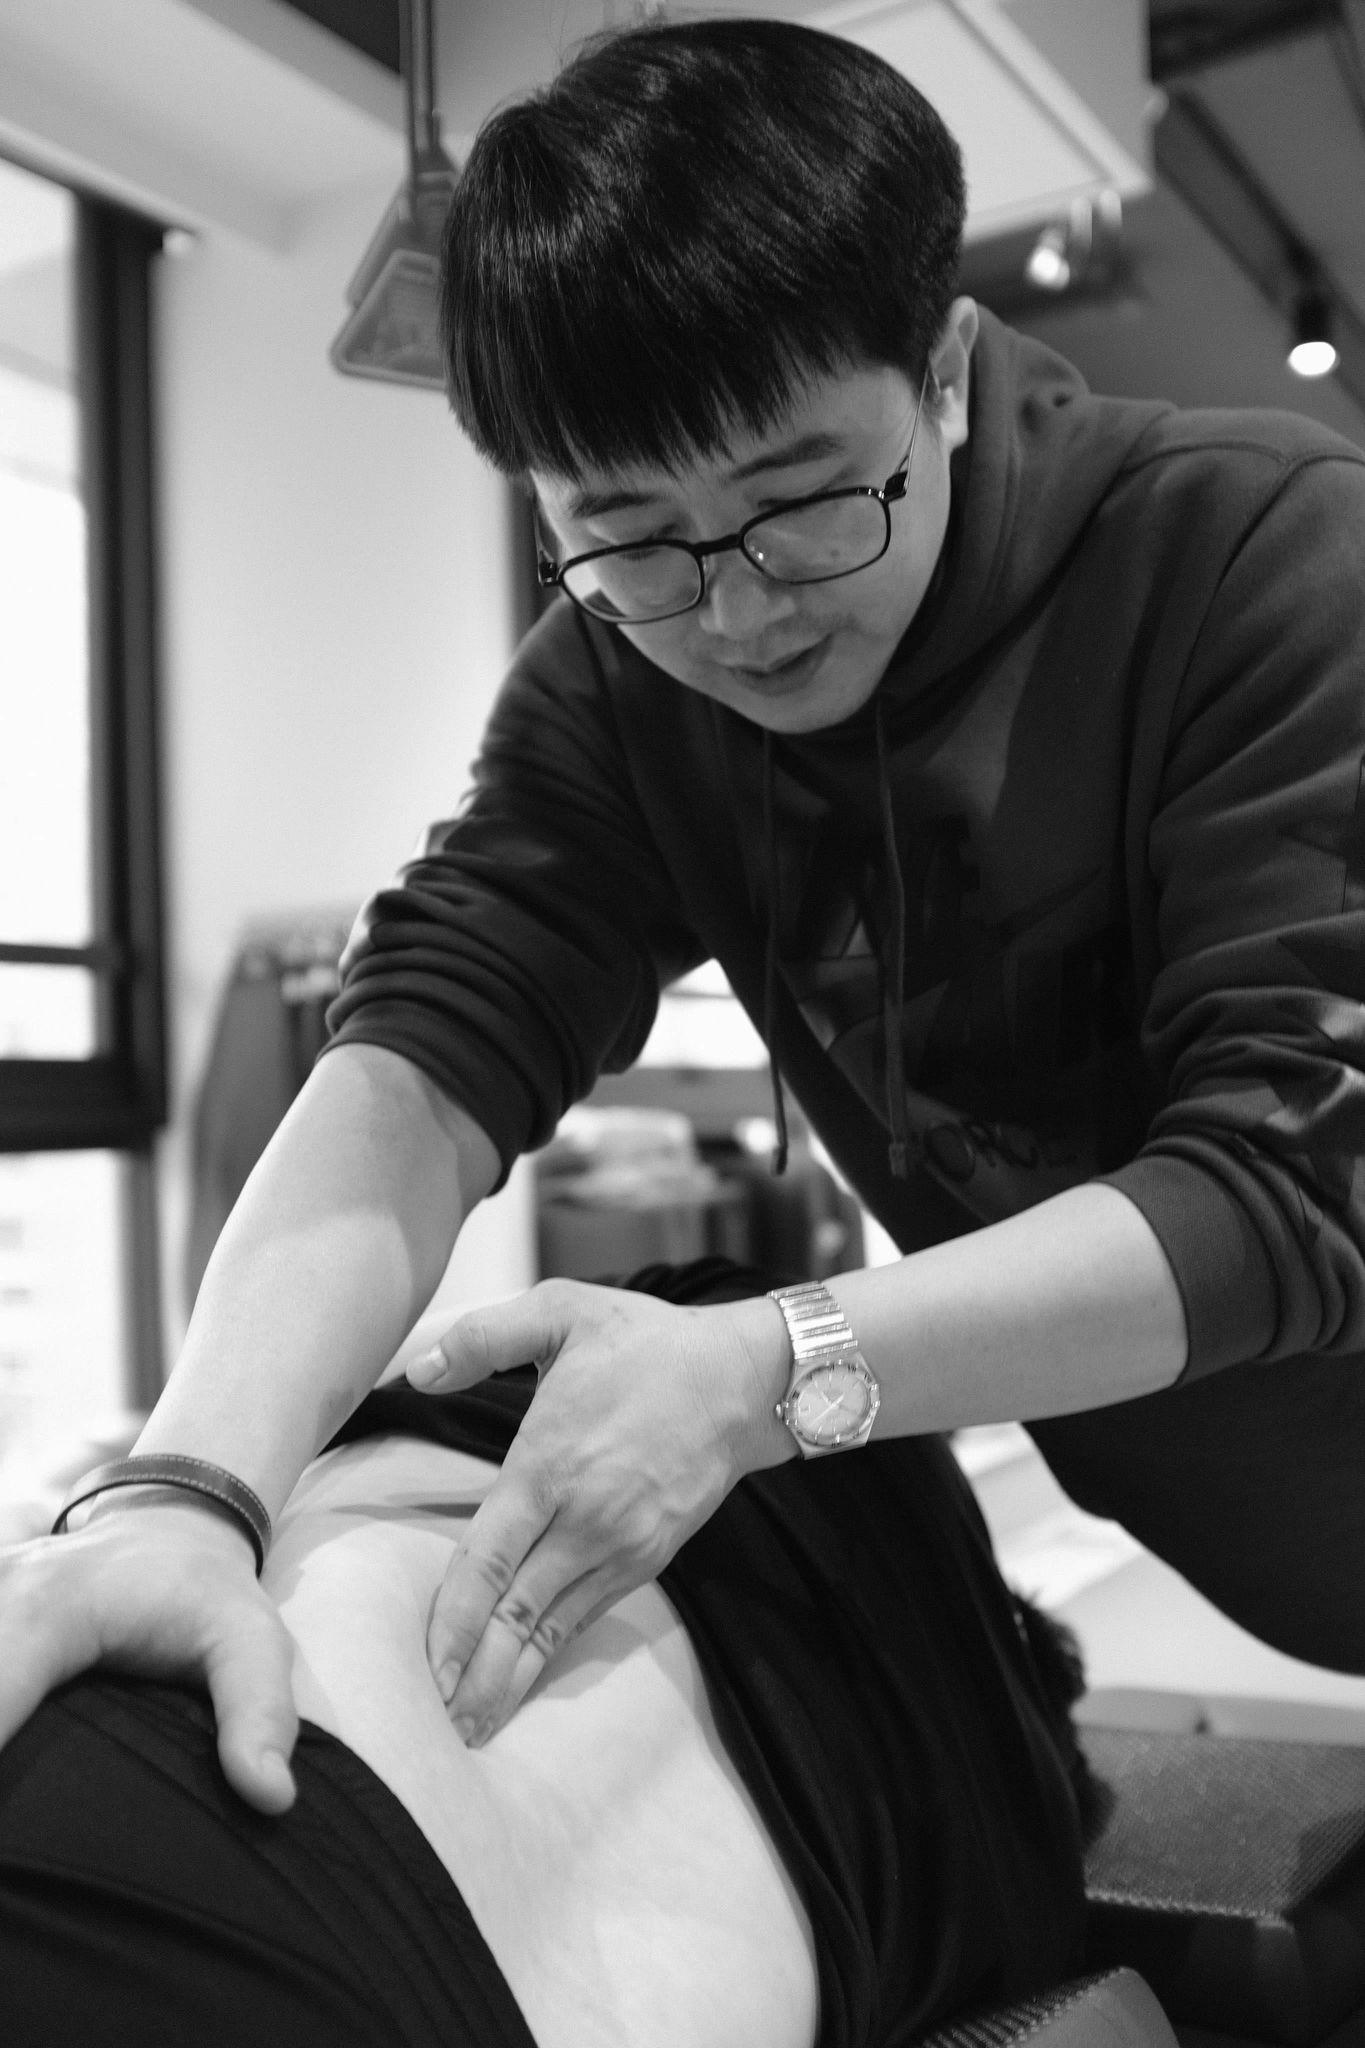 國際體態平衡學會、傅士豪、骨盆帶、肌筋膜經線處理實務、專業課程、workshop、肌筋膜、筋膜適能、